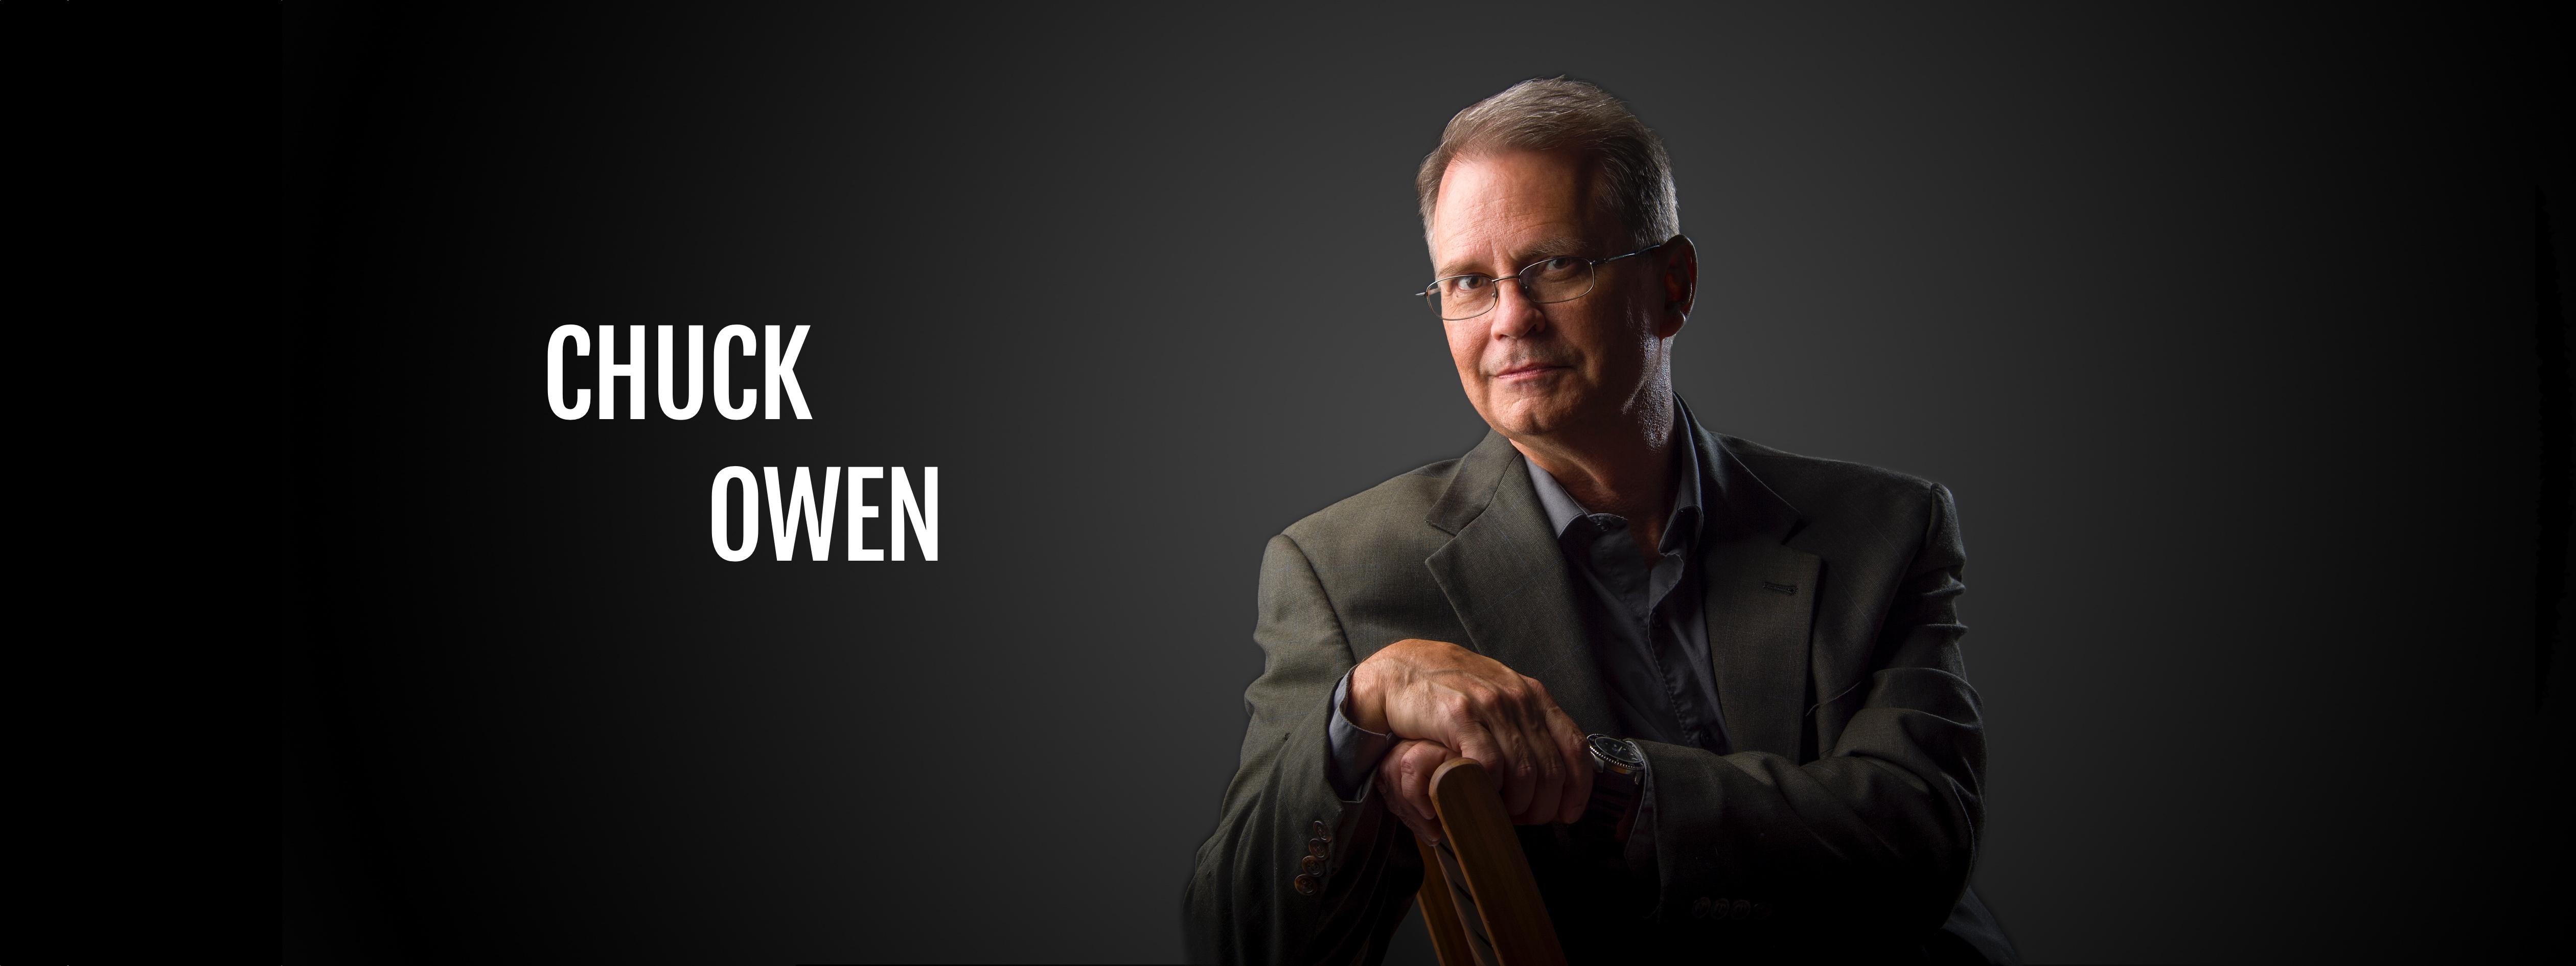 Chuck Owen